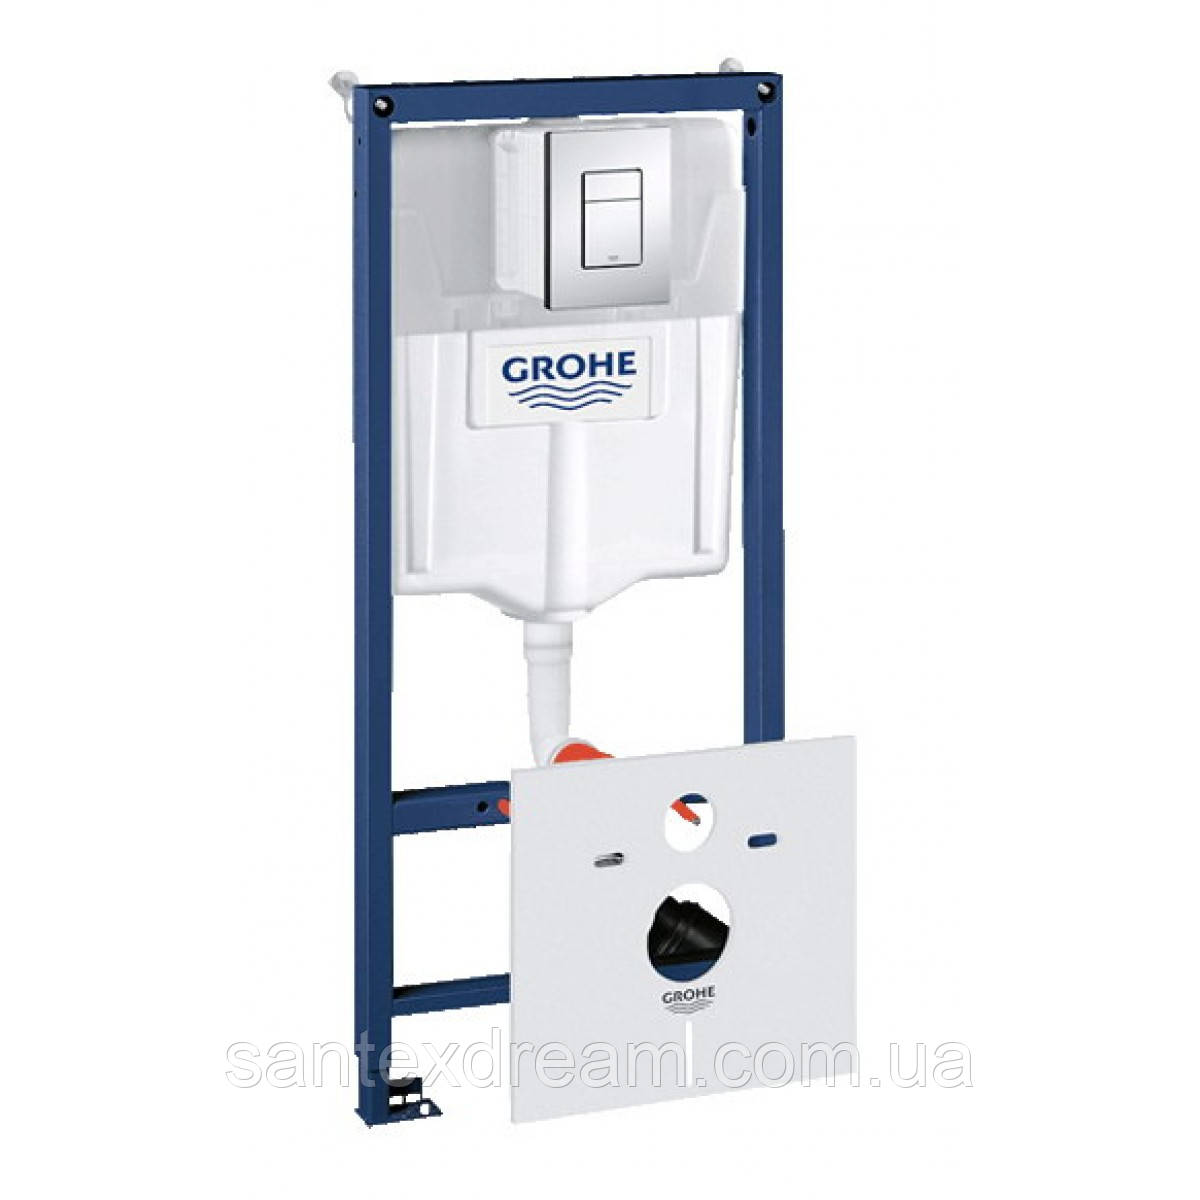 Инсталяция для подвесного унитаза GROHE RAPID SL 4 в 1, 38775001